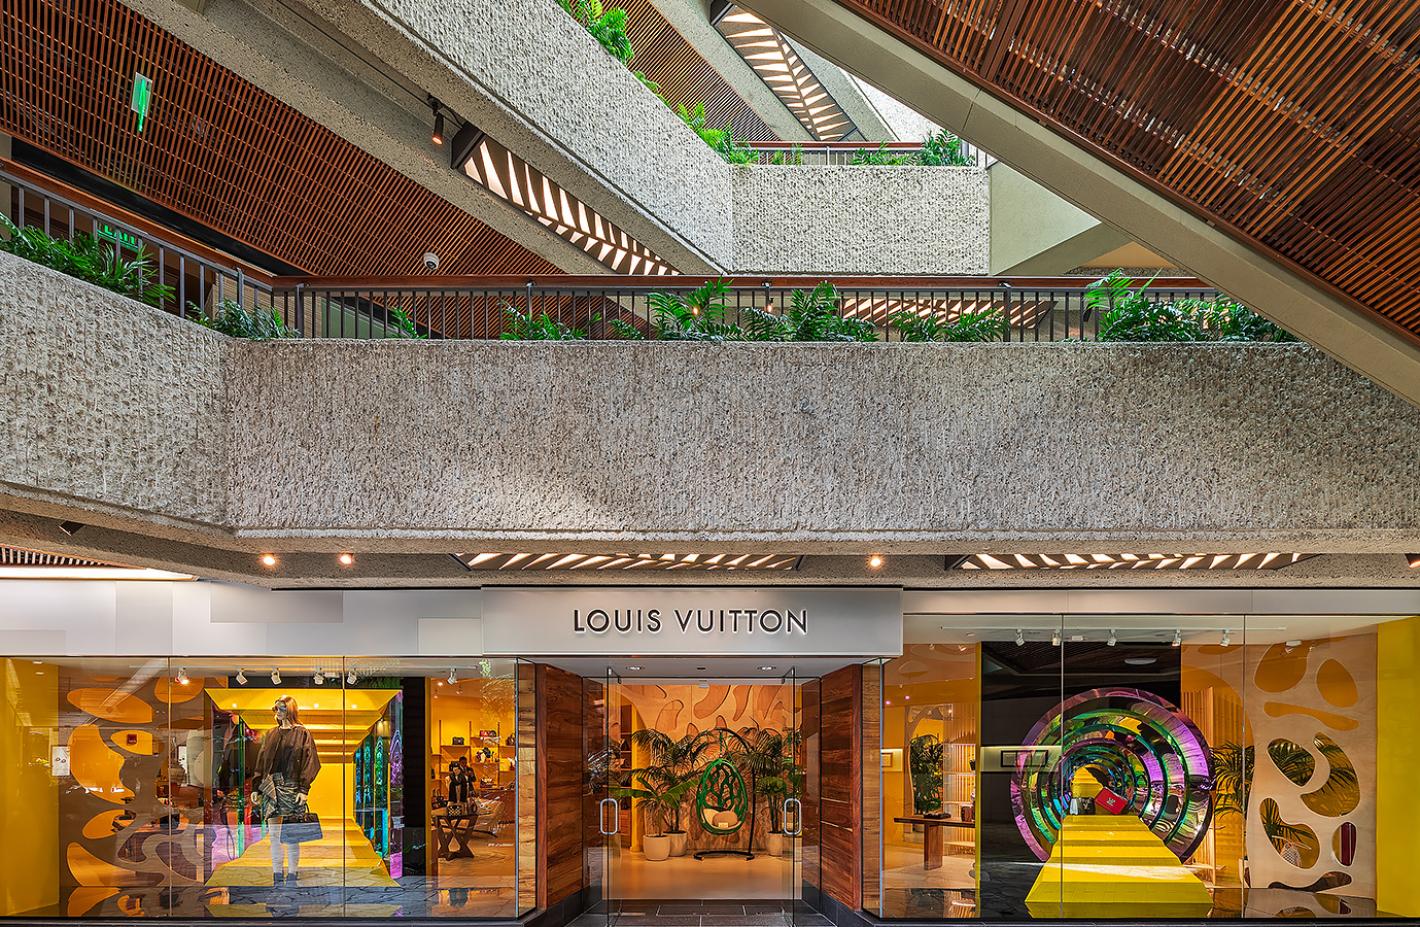 Louis-Vuitton-2019-01-15